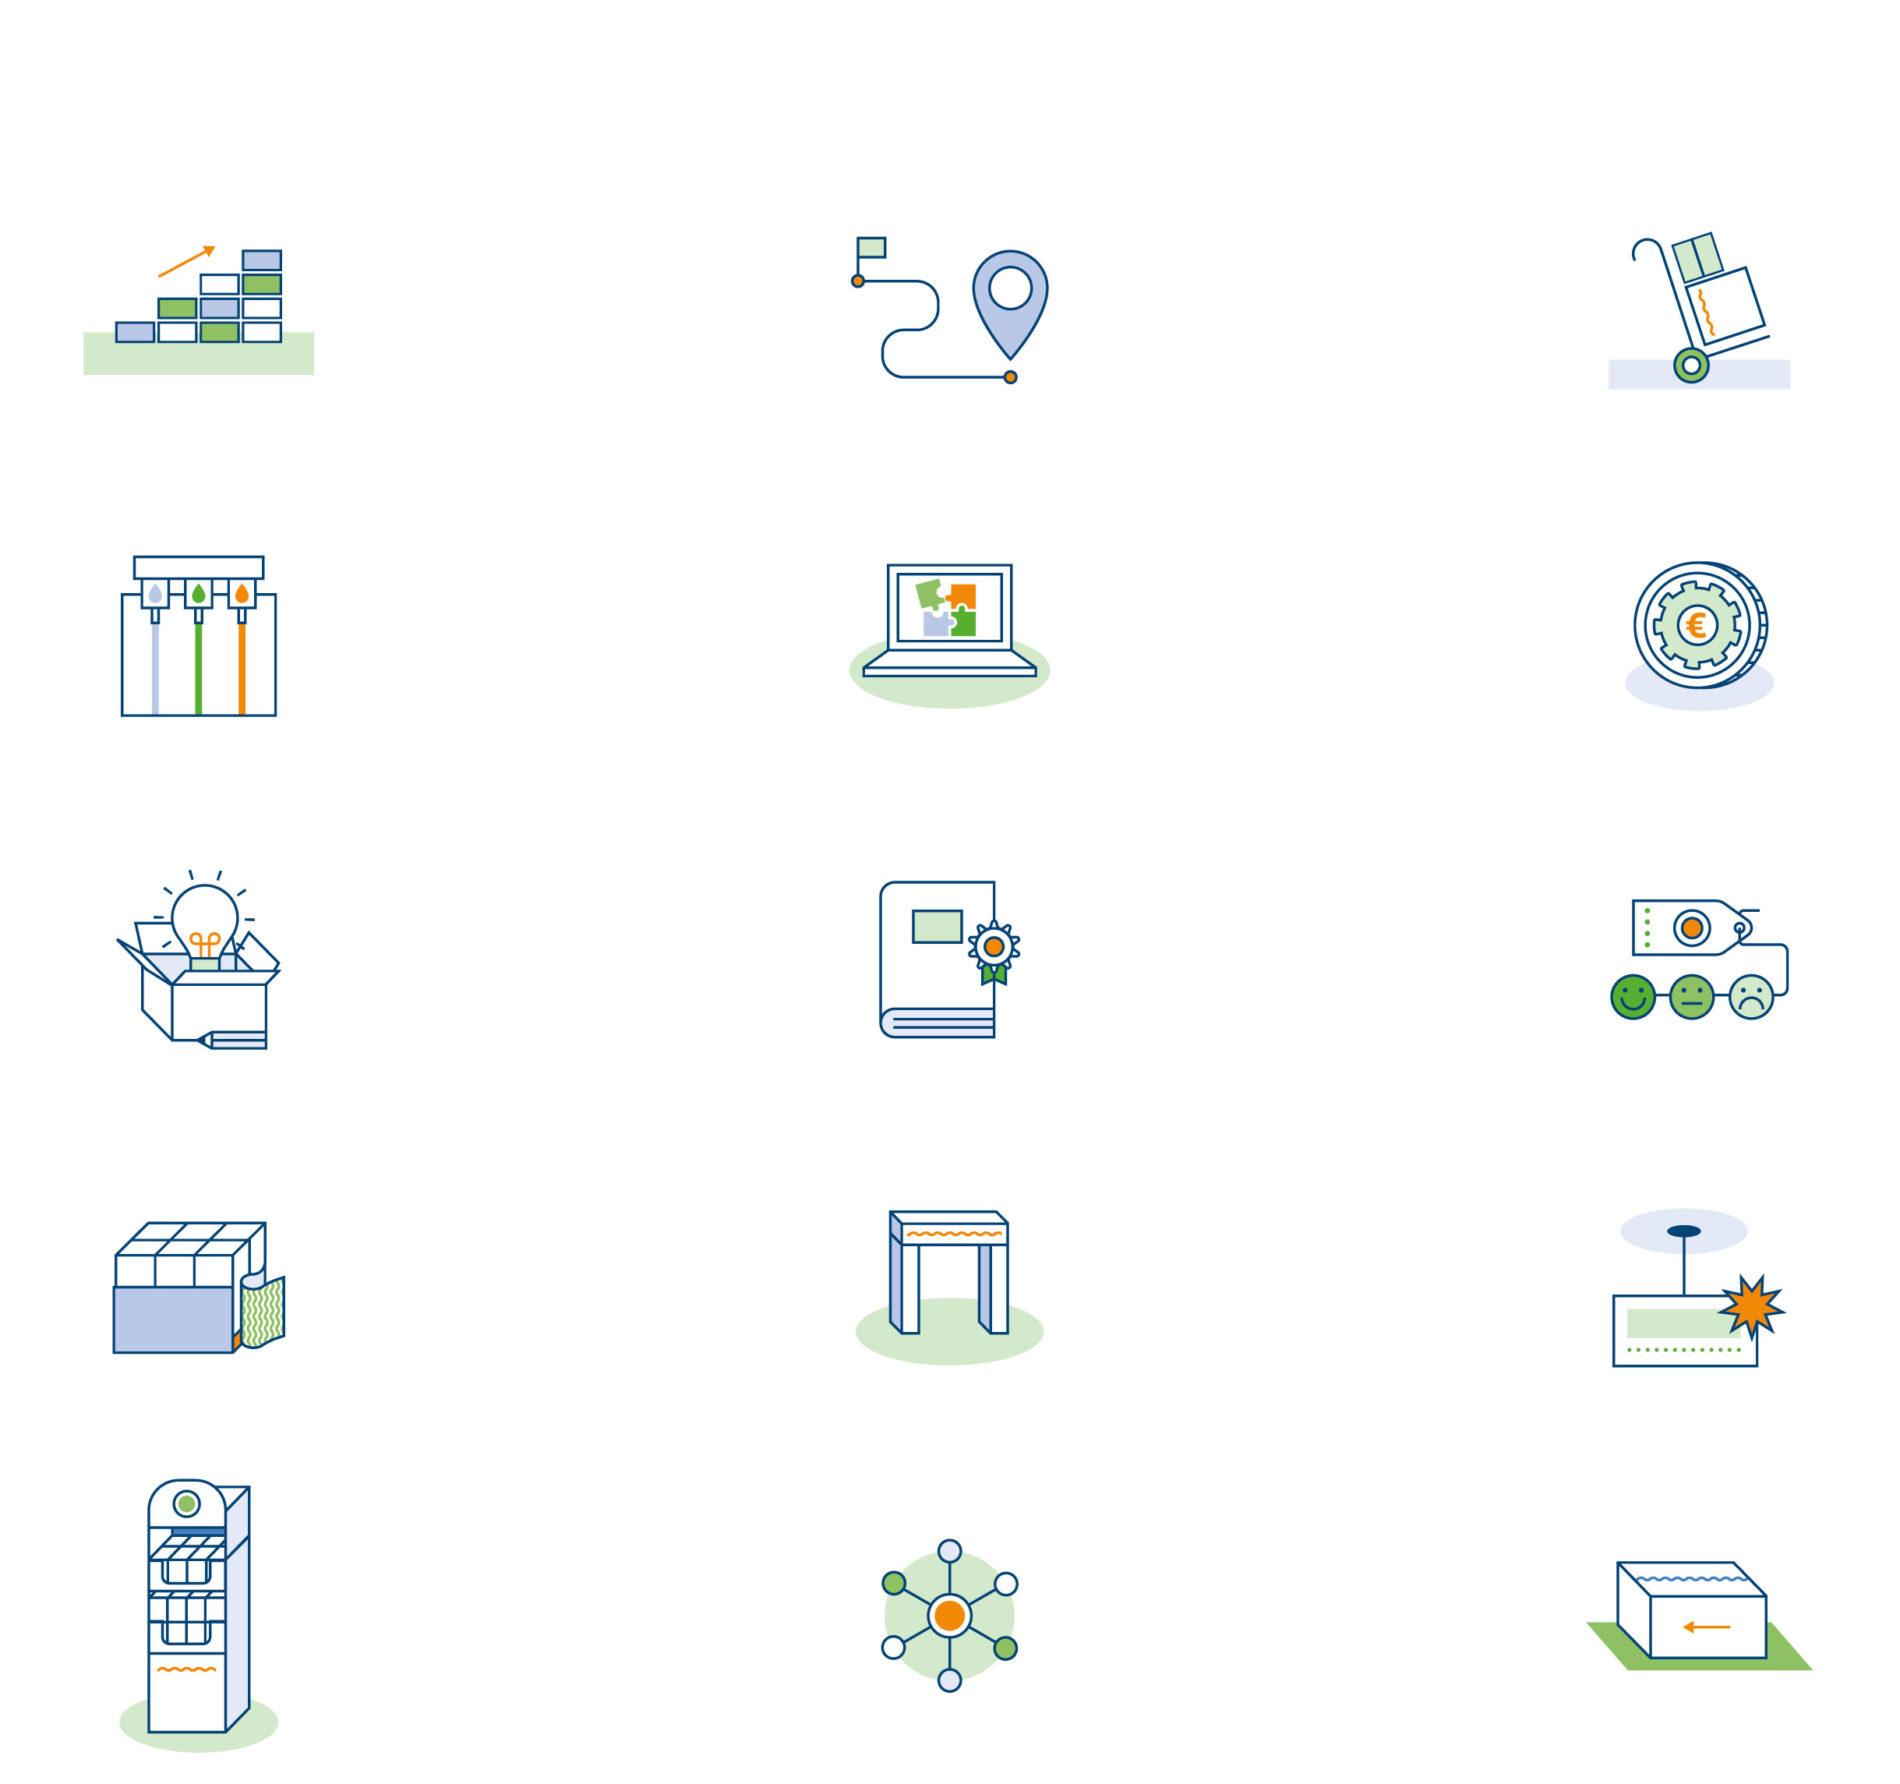 Pictogrammen over technische en algemene dingen.